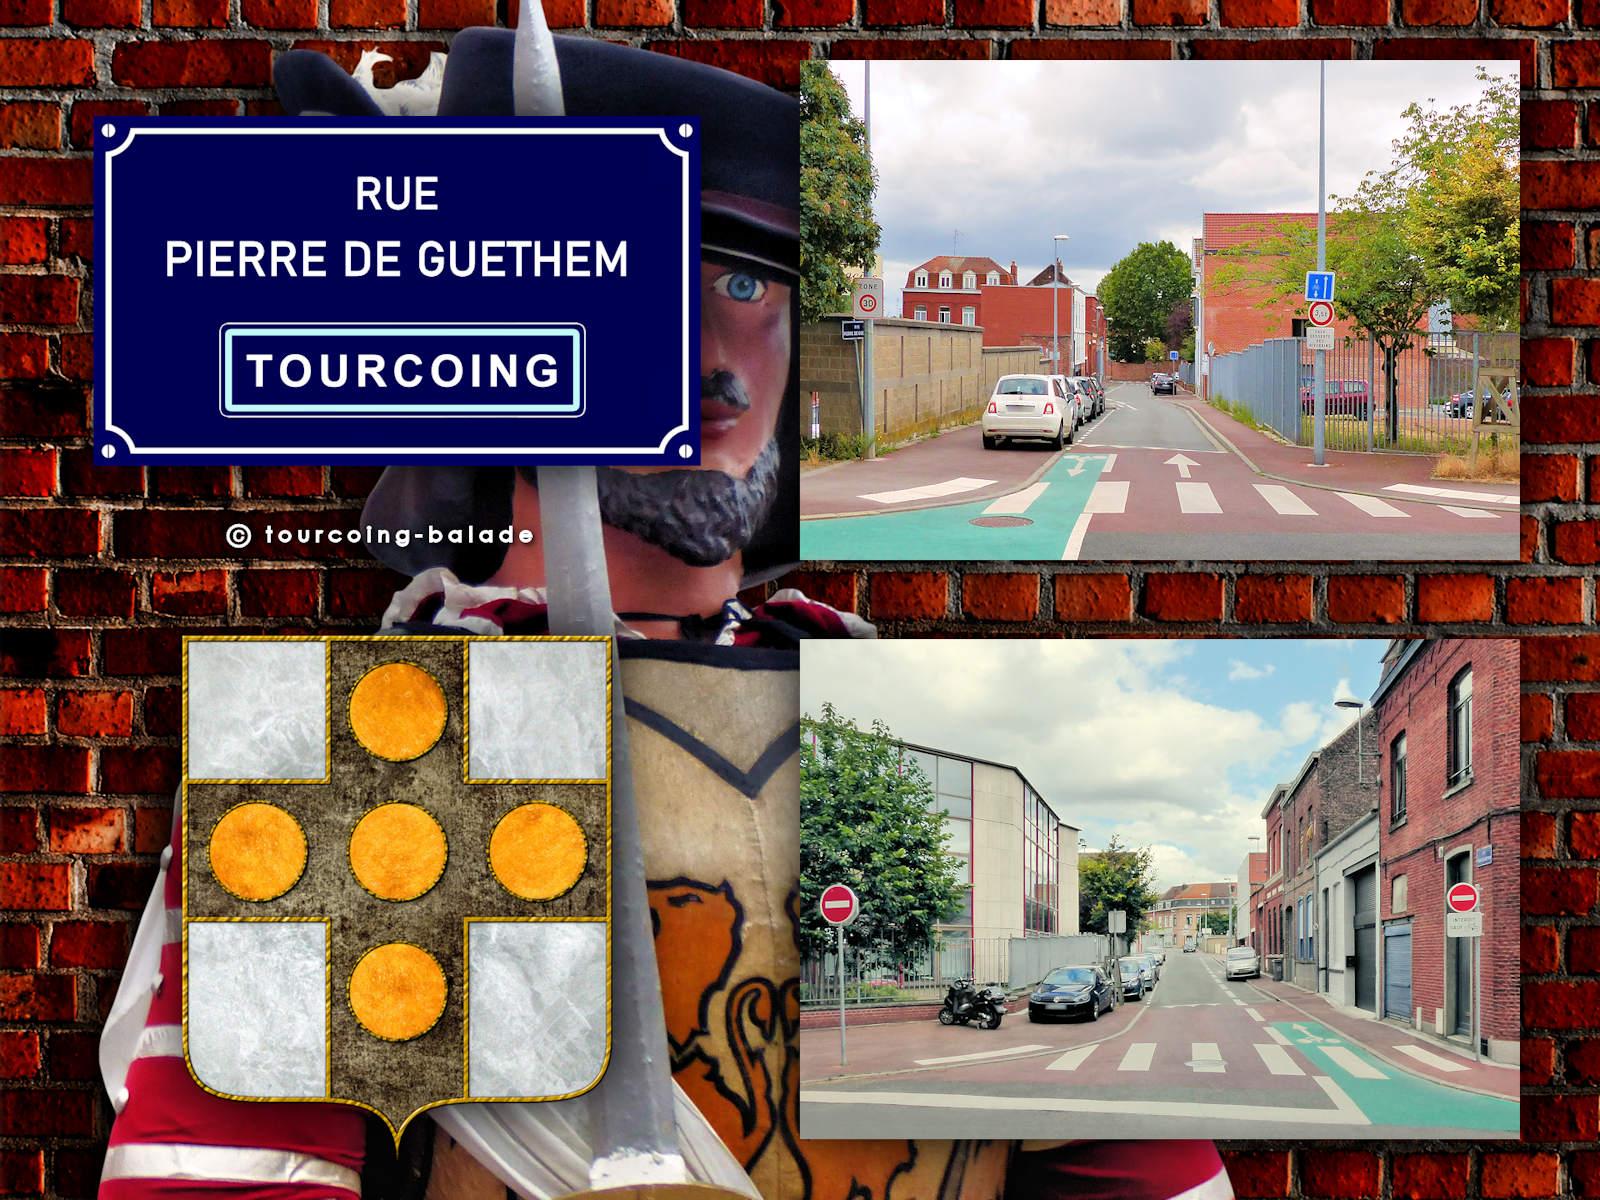 Rue Pierre de Guethem, Tourcoing Gambetta